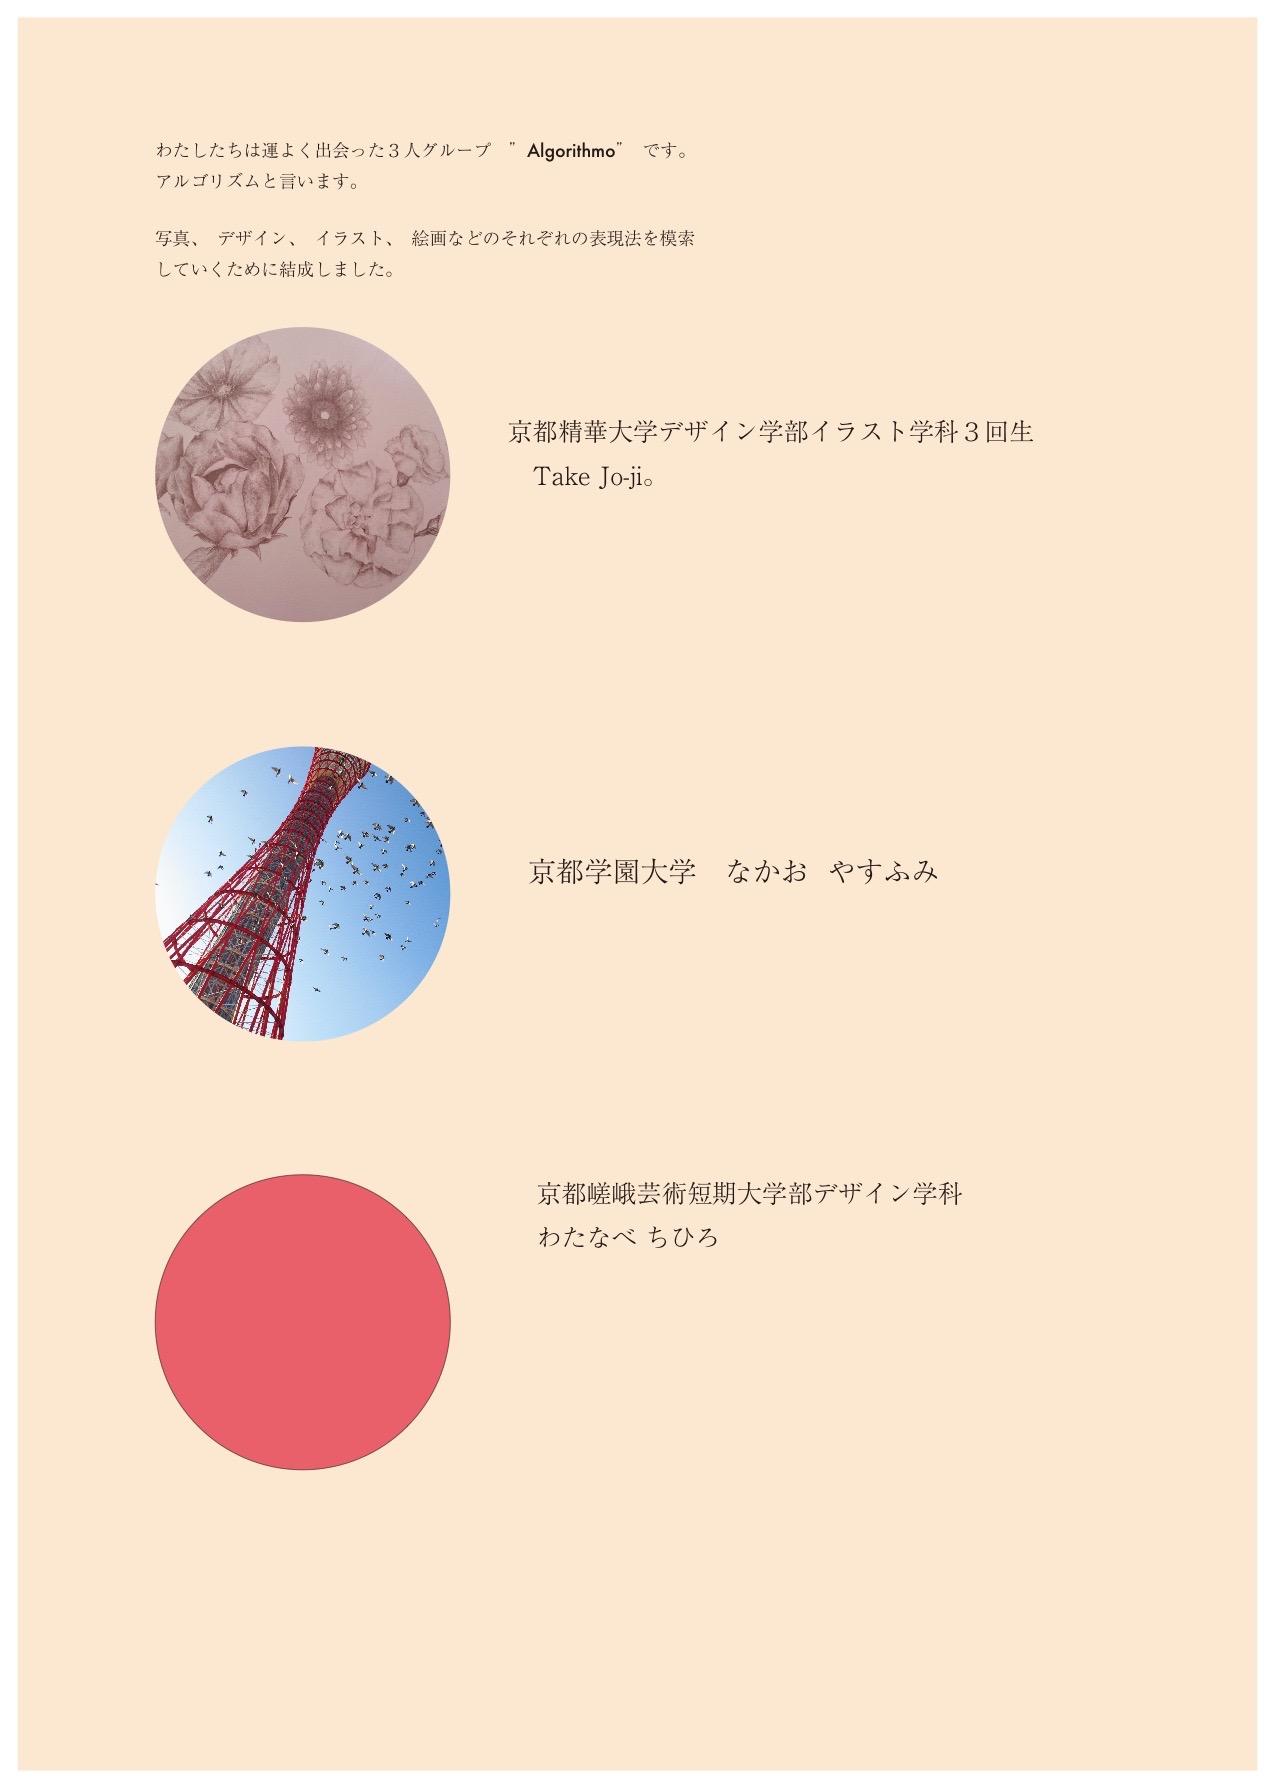 竹本さんプロフィール (2)